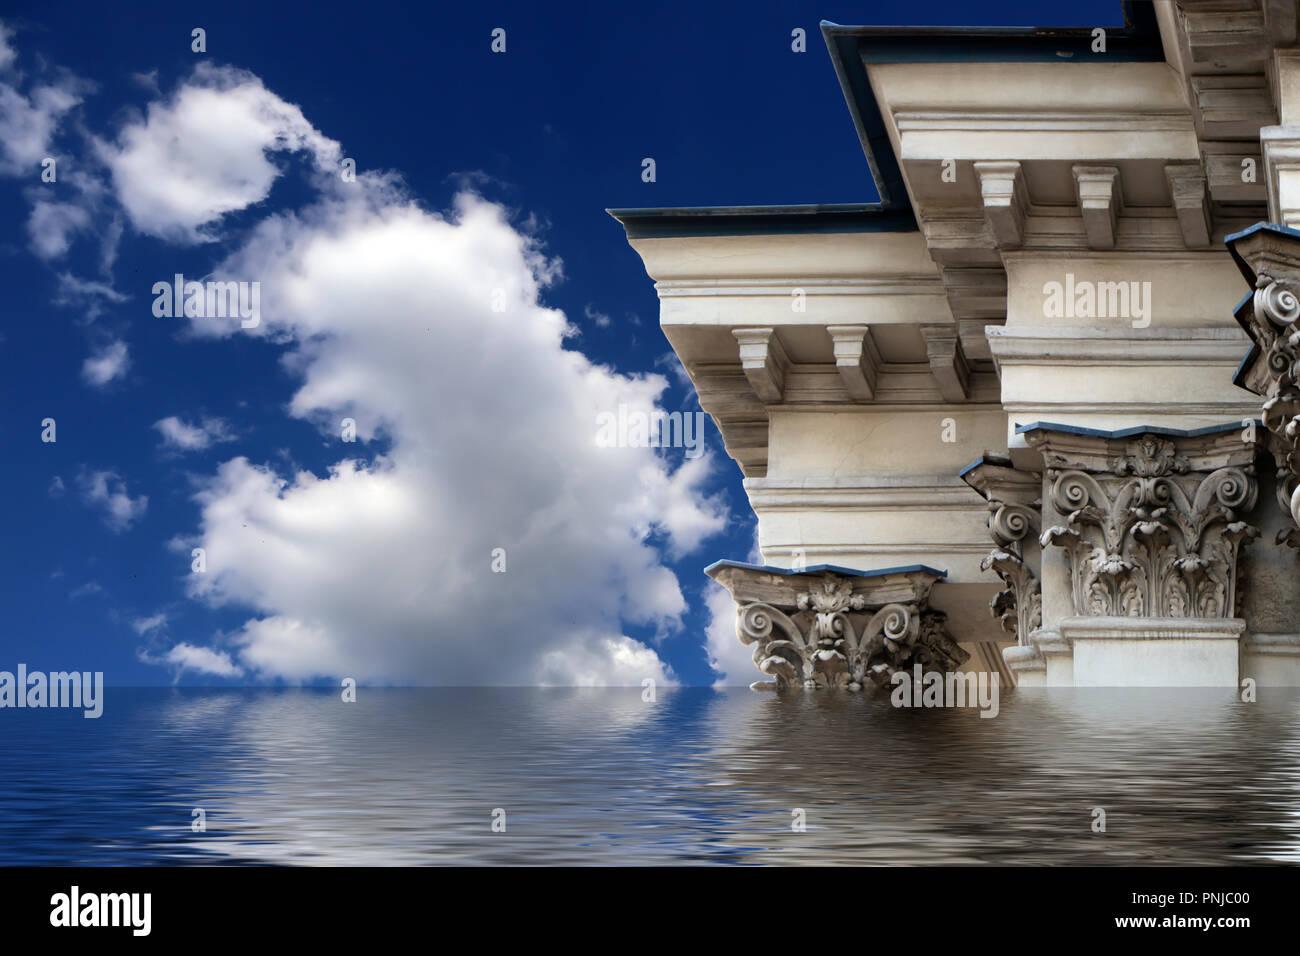 Ornée de colonnes et corniches vieux bâtiment en style classique sur fond de ciel bleu et nuages à l'effet des inondations Photo Stock